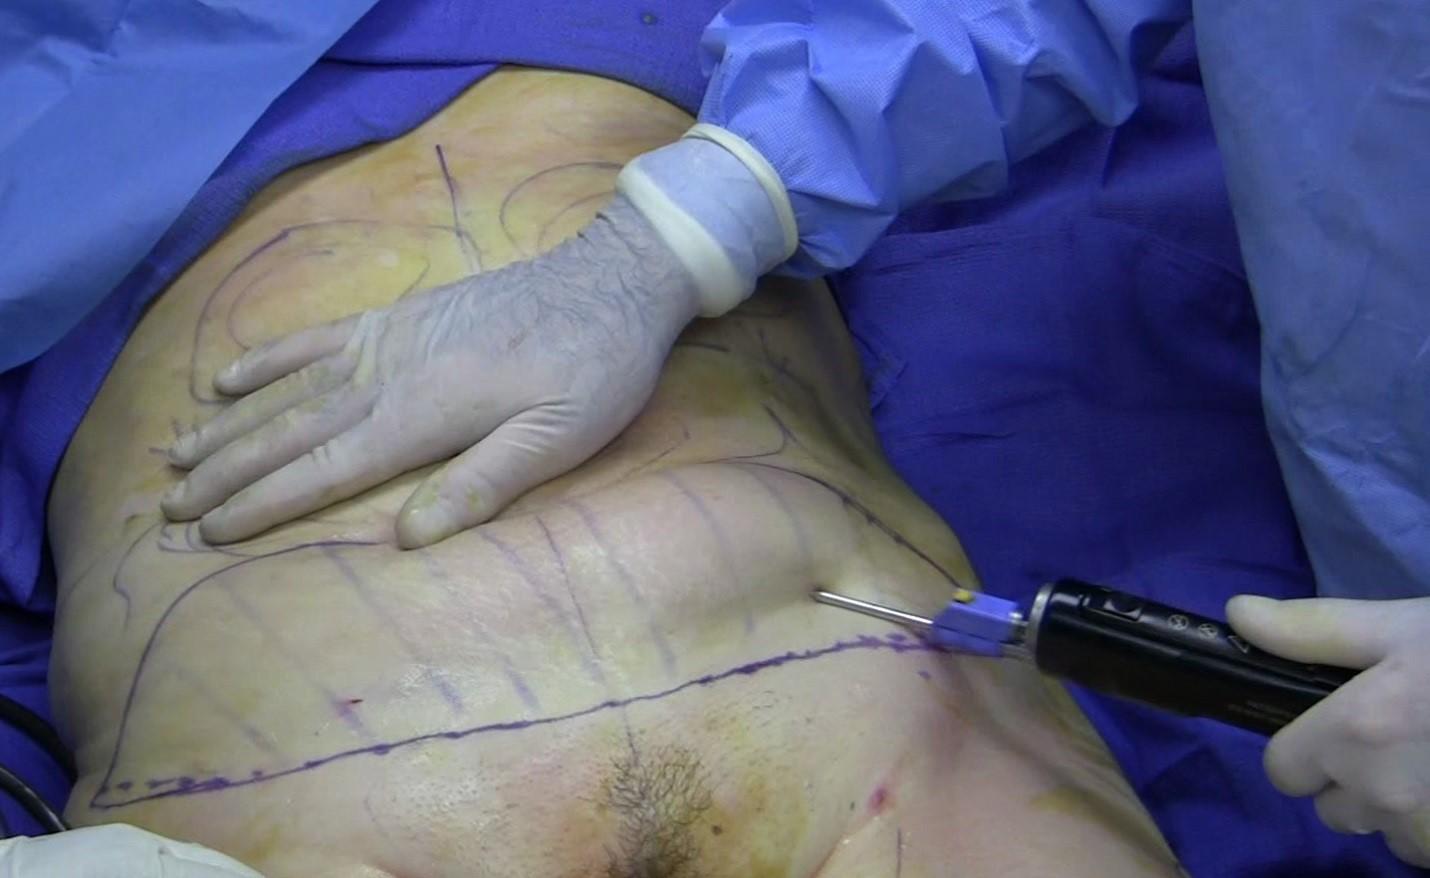 چند نوع عمل جراحی برای کاهش وزن وجود دارد؟